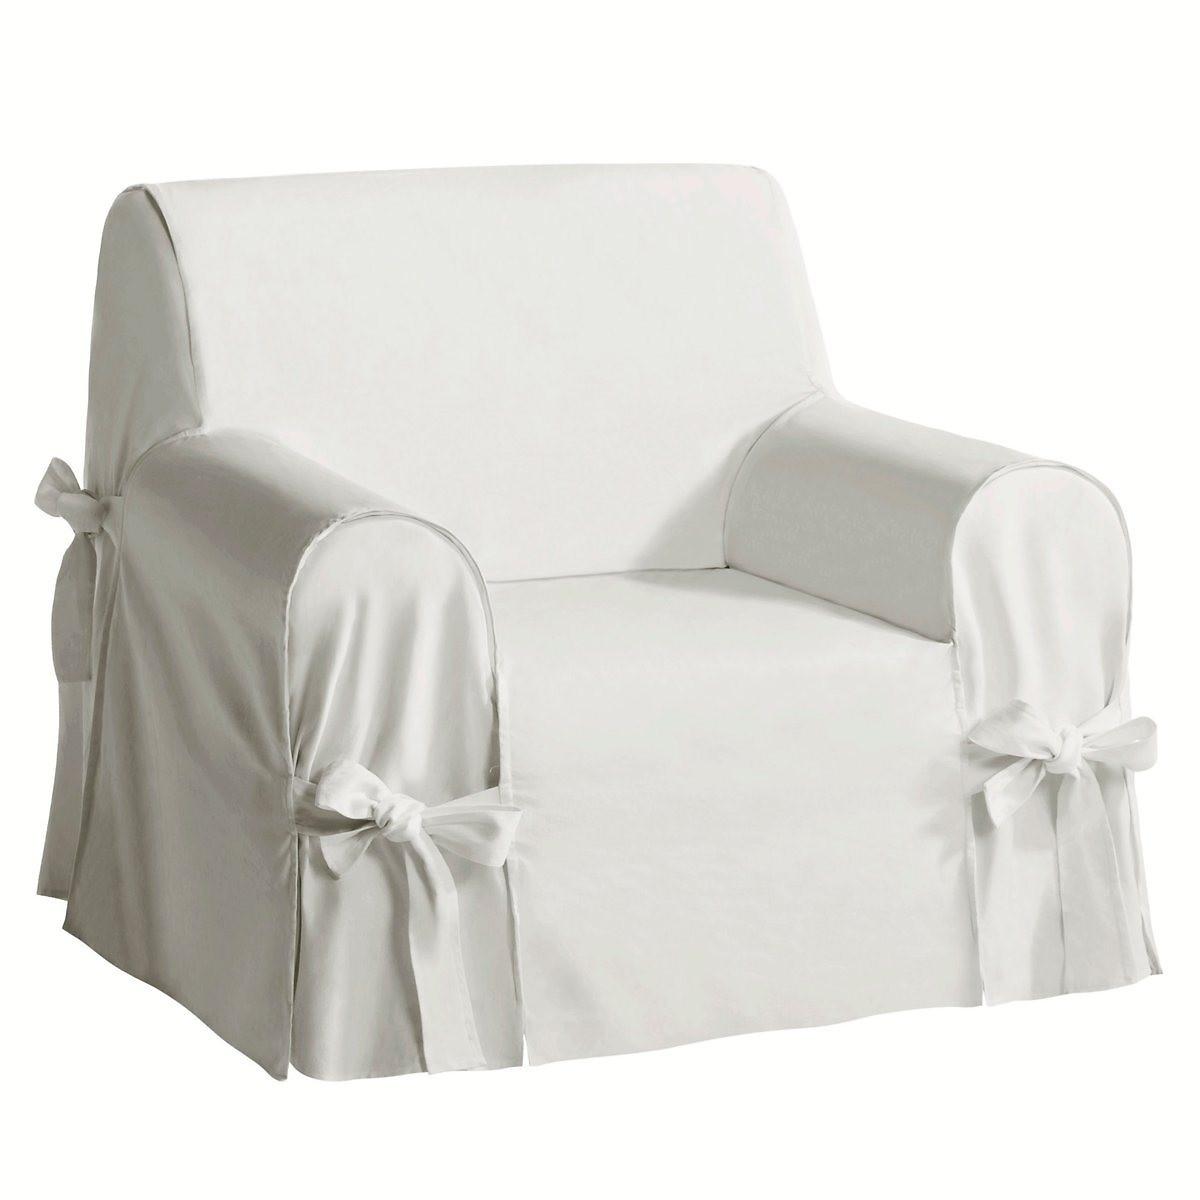 Чехол LaRedoute Для кресла из льна и хлопка JIMI единый размер белый